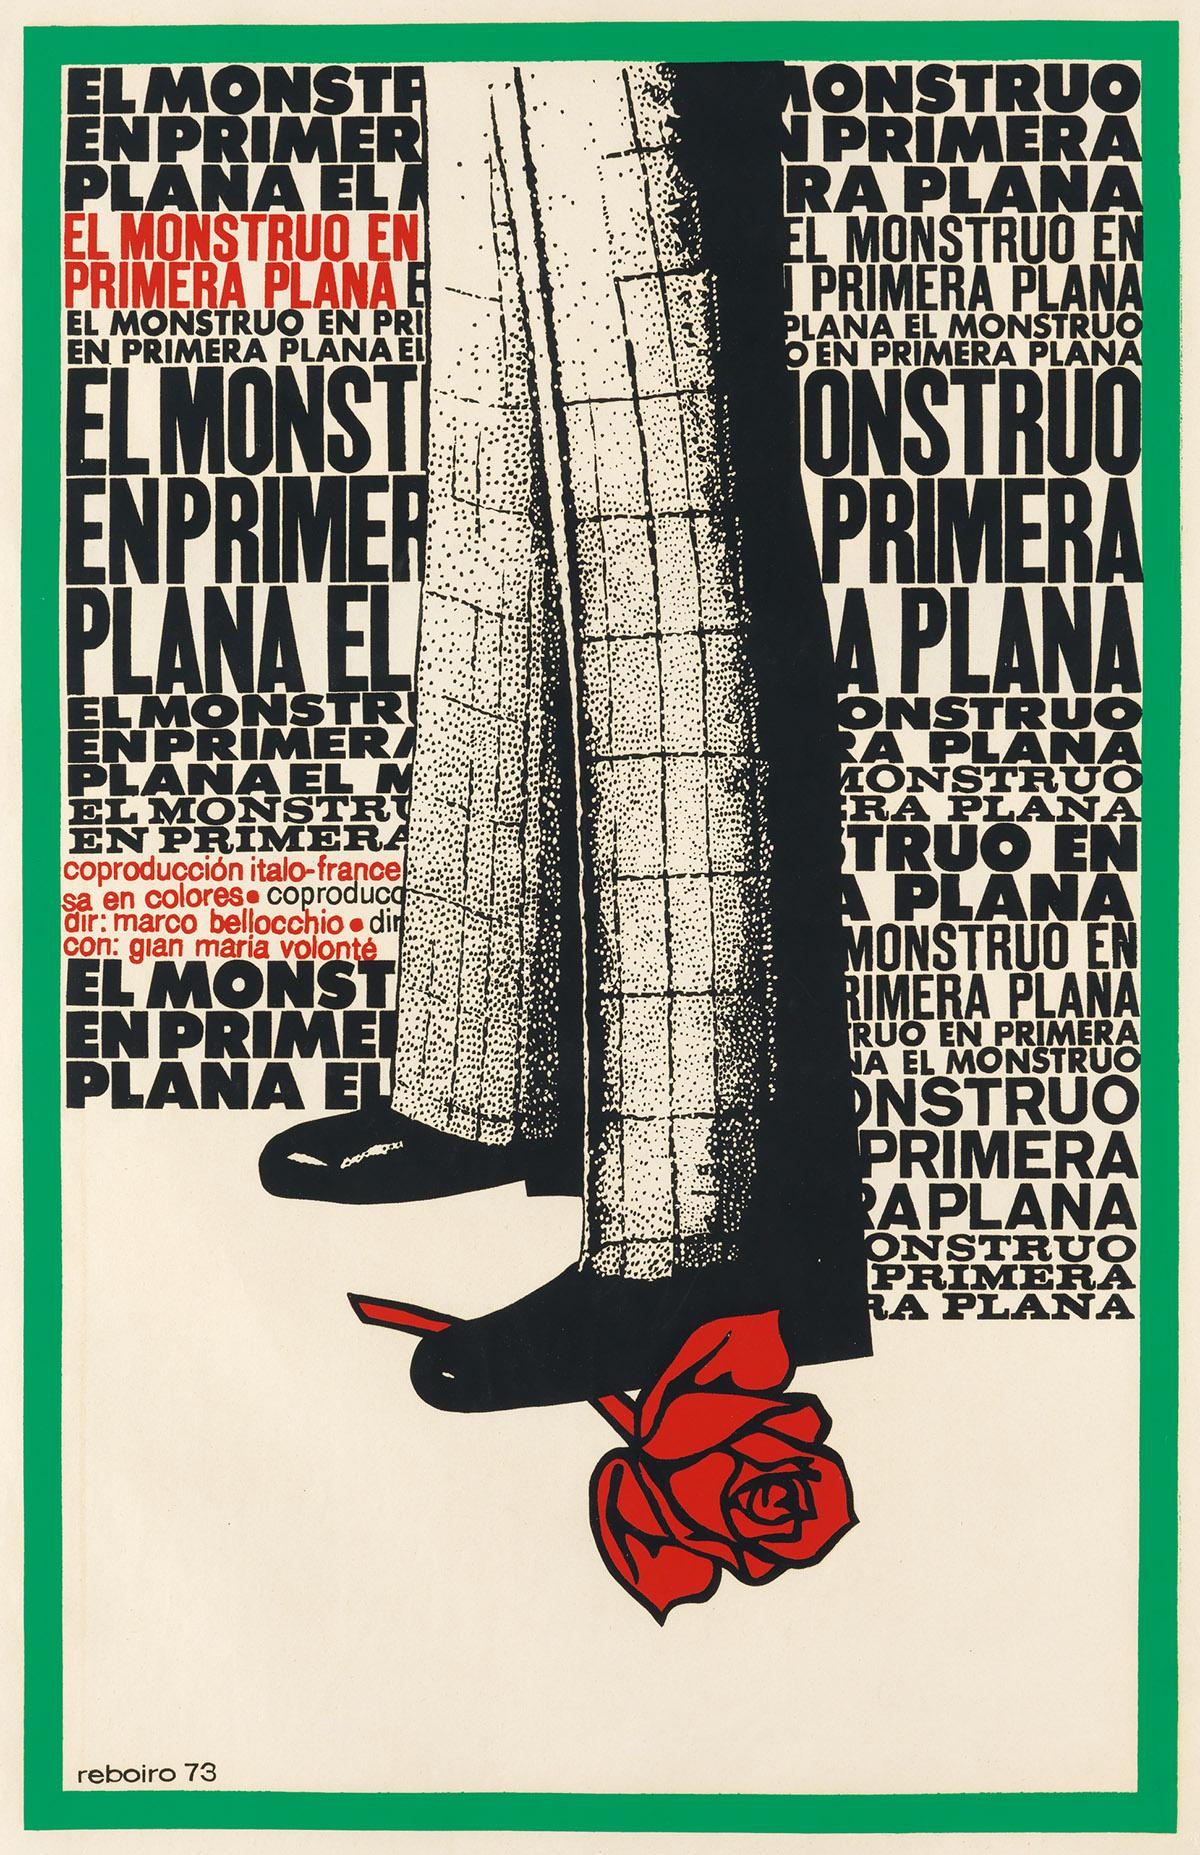 ANTONIO-FERNÁNDEZ-REBOIRO-(1935-)-EL-MONSTRUO-EN-PRIMERA-PLA